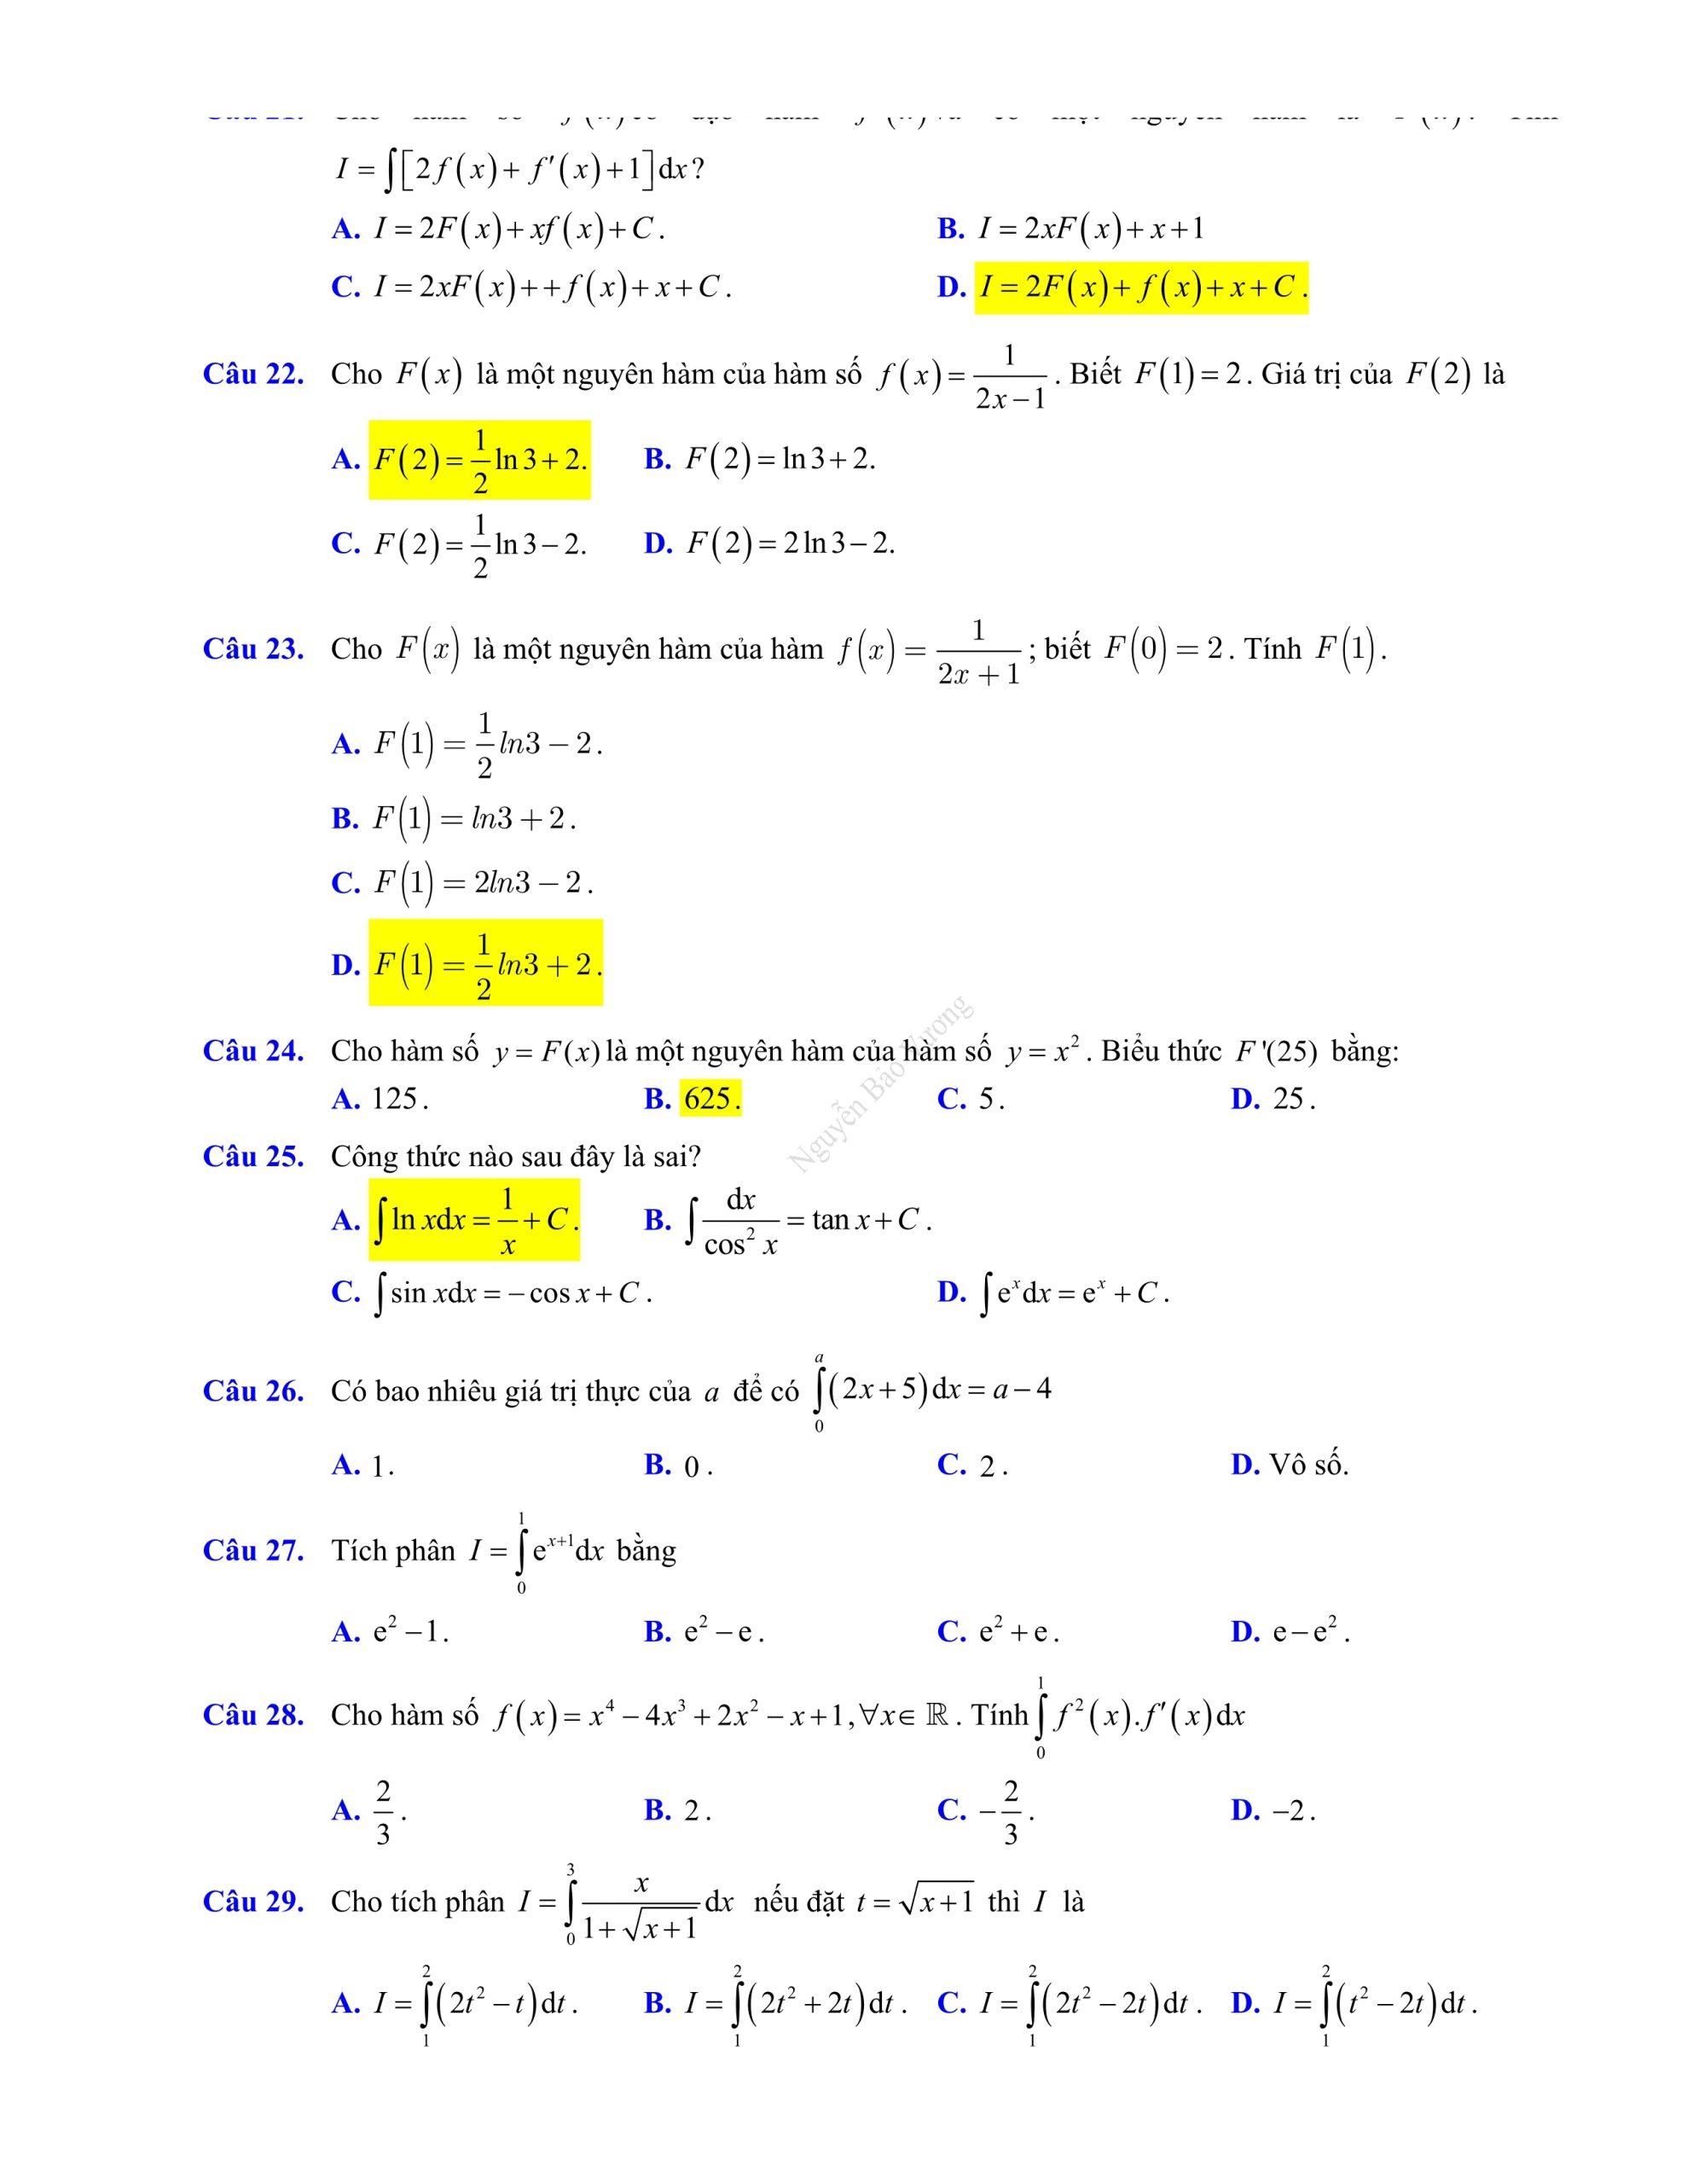 Đề thi giữa hk2 toán 12 có đáp án 2021 dễ hiểu dễ ôn tập